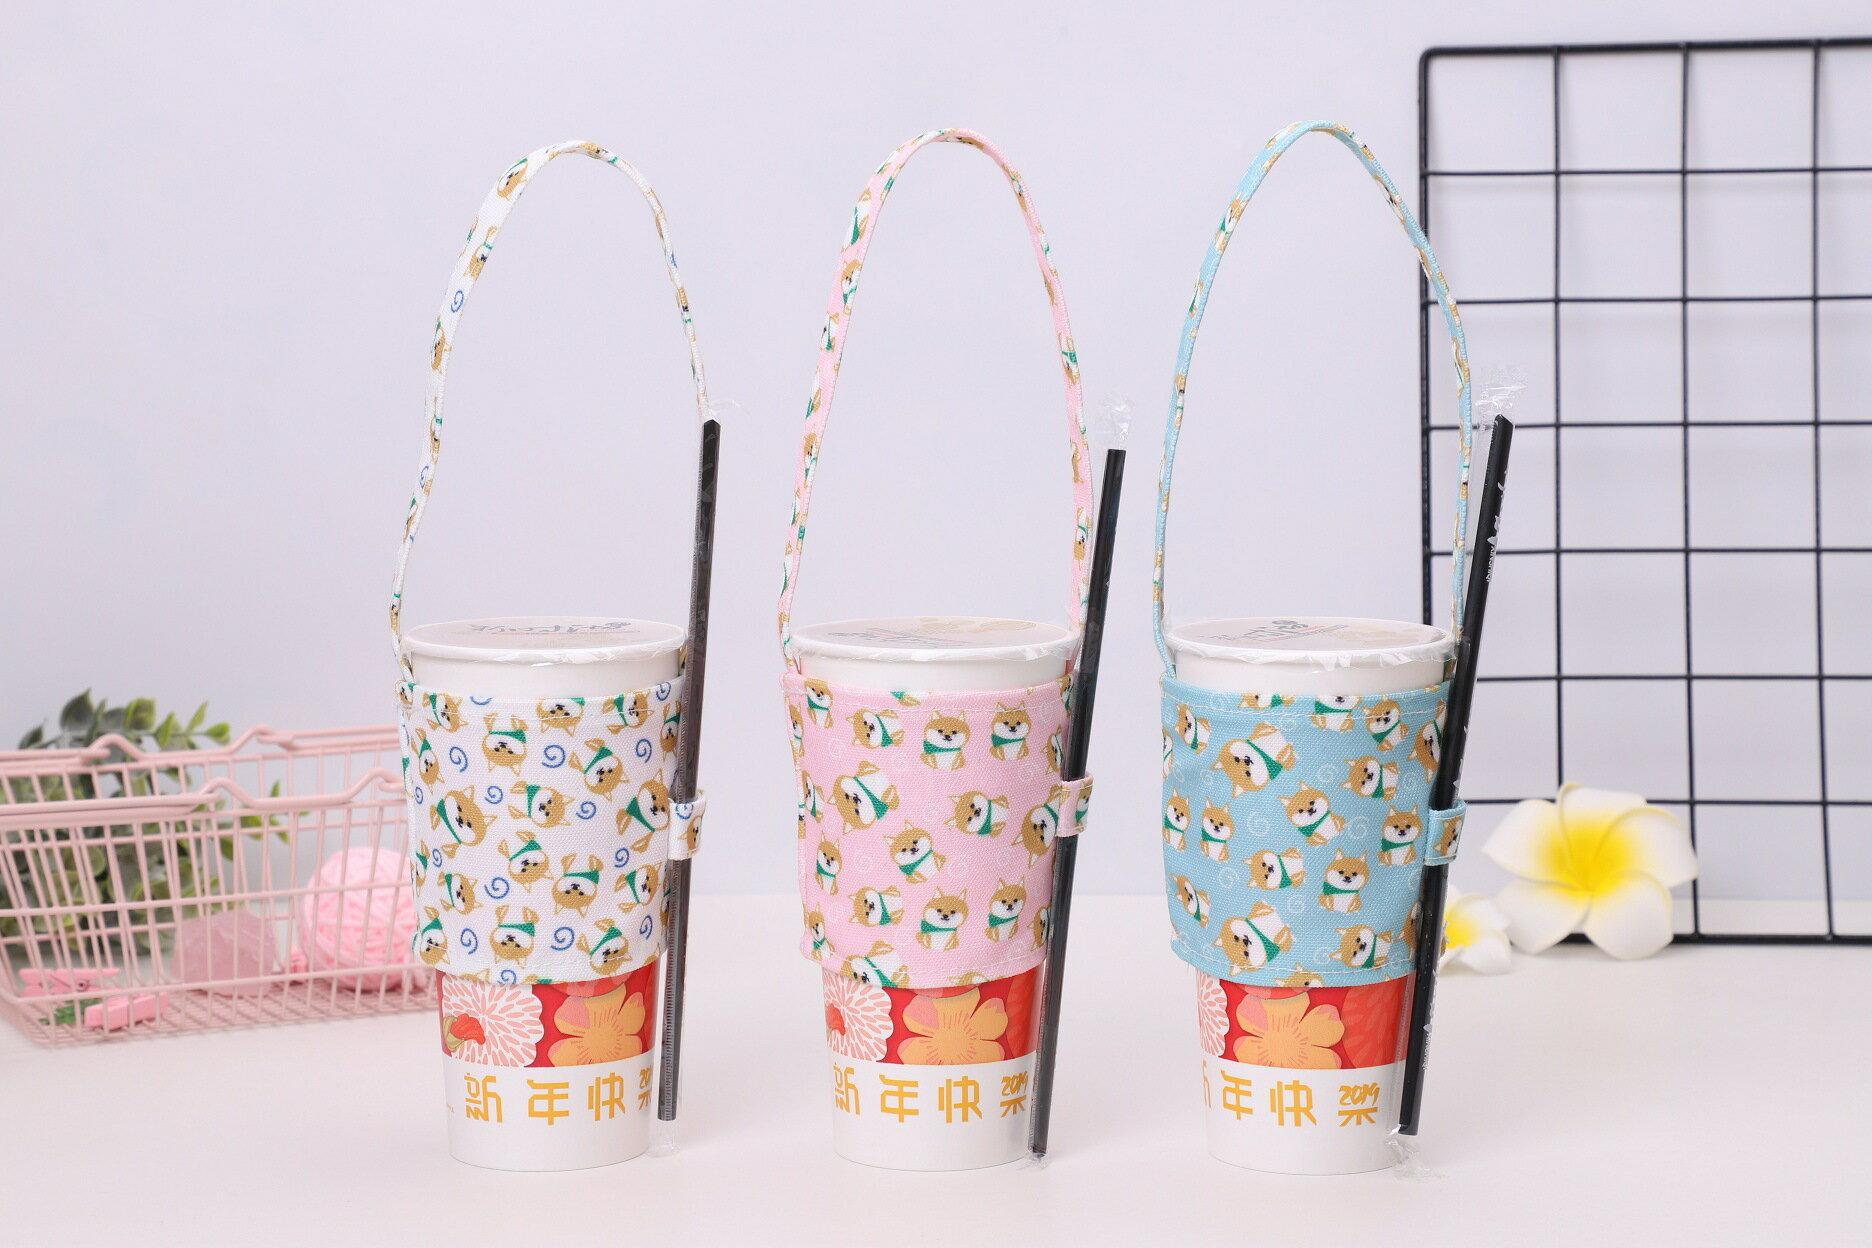 柴犬飲料提袋 手搖飲 奶茶杯套 咖啡防燙 杯套 手提袋 環保杯套 防水飲料袋 手搖杯提袋 飲料袋 C00010197